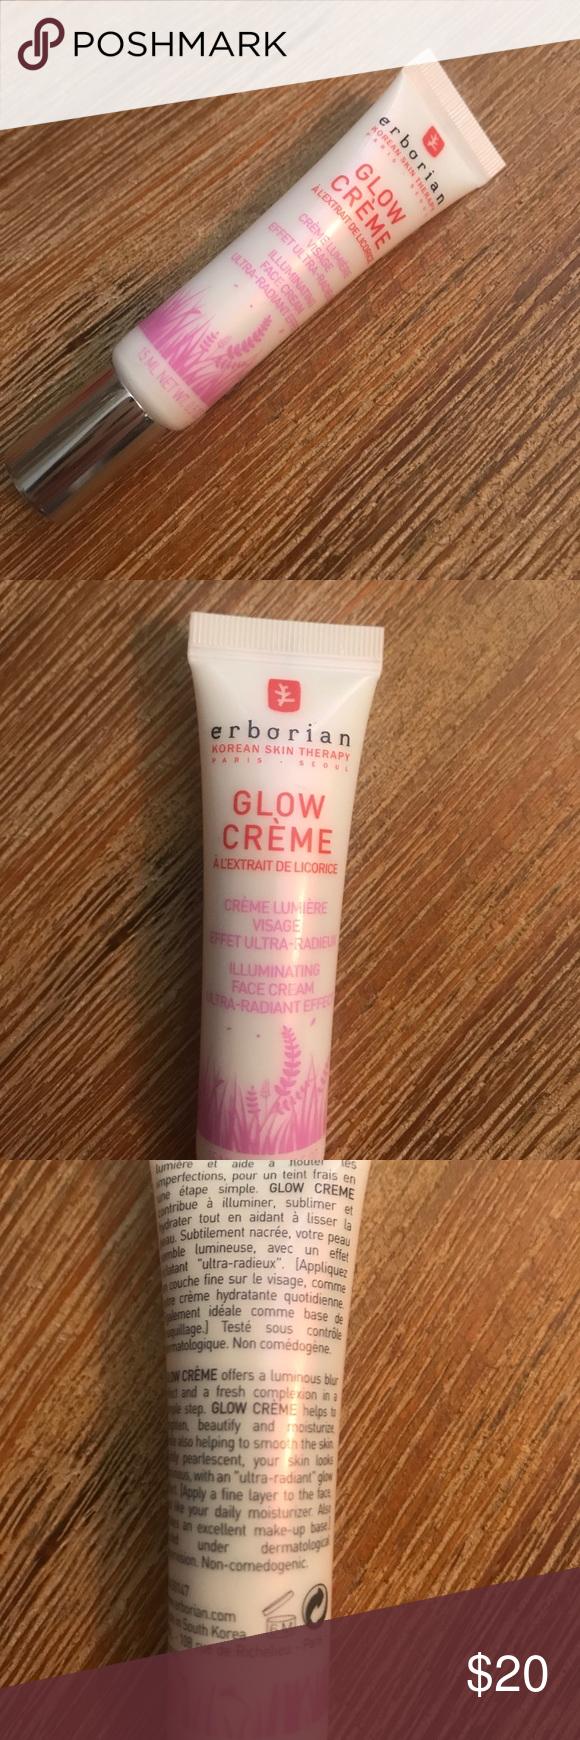 New Erborin highlighting glow créme Face cream, Creme